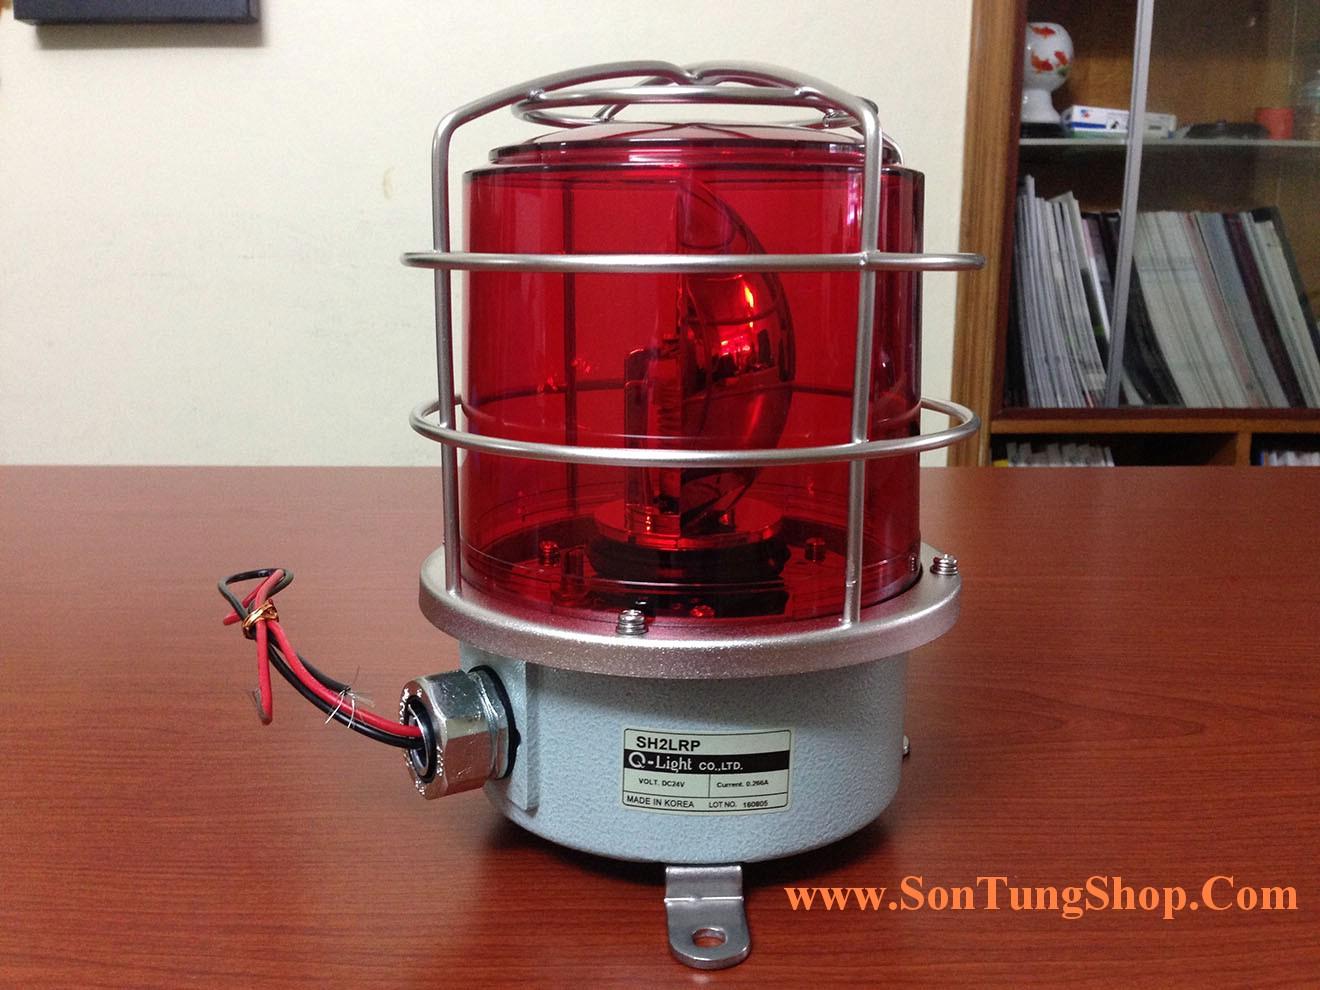 Đèn báo hiệu QLight Nhấp nháy Φ150, bóng LED, Hàng Hải IP56, KIMM, ABS, CE, SH2-Mở Hộp